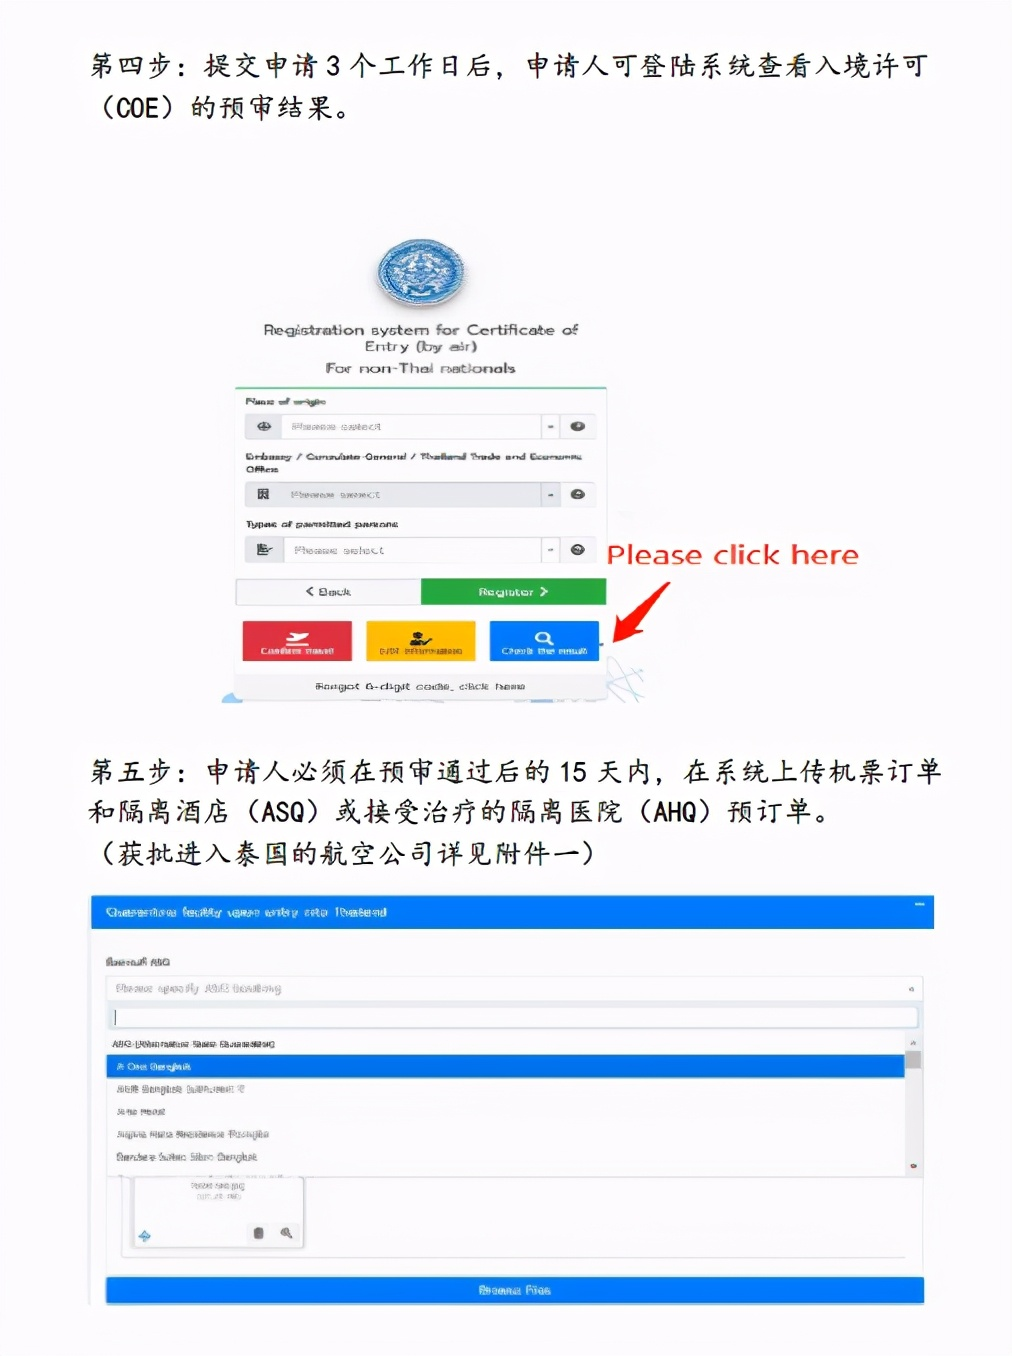 泰国全面开放入境申请,来自所有国家及地区的外籍人士都可申签!(附最新泰国签证申请详细攻略) 个人如何申办泰国入境许可COE! 泰国 第4张